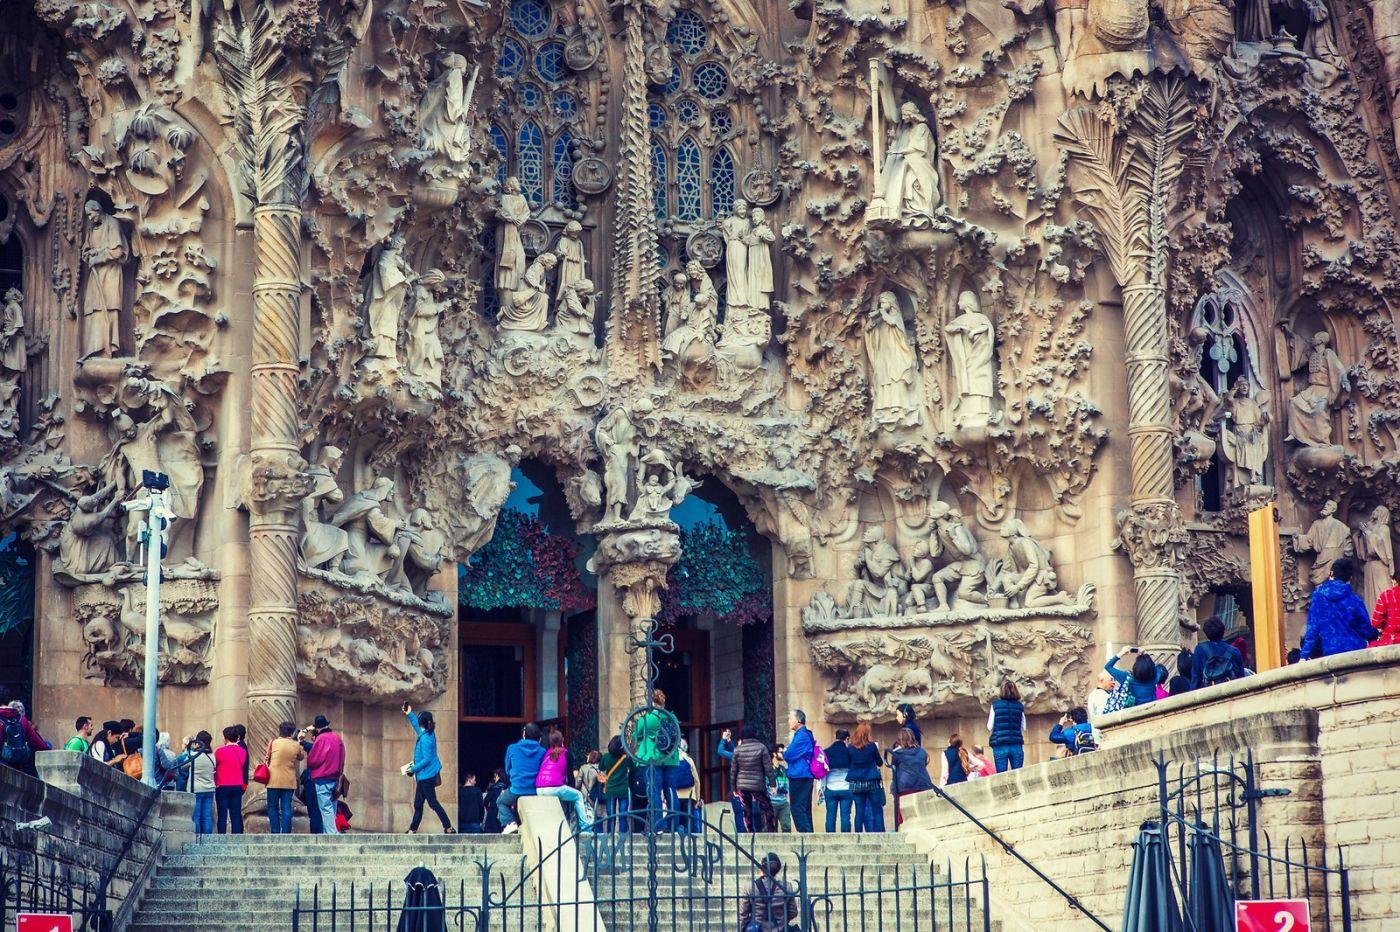 西班牙圣家堂(Sagrada Família),百年还未完工的世界遗产_图1-3